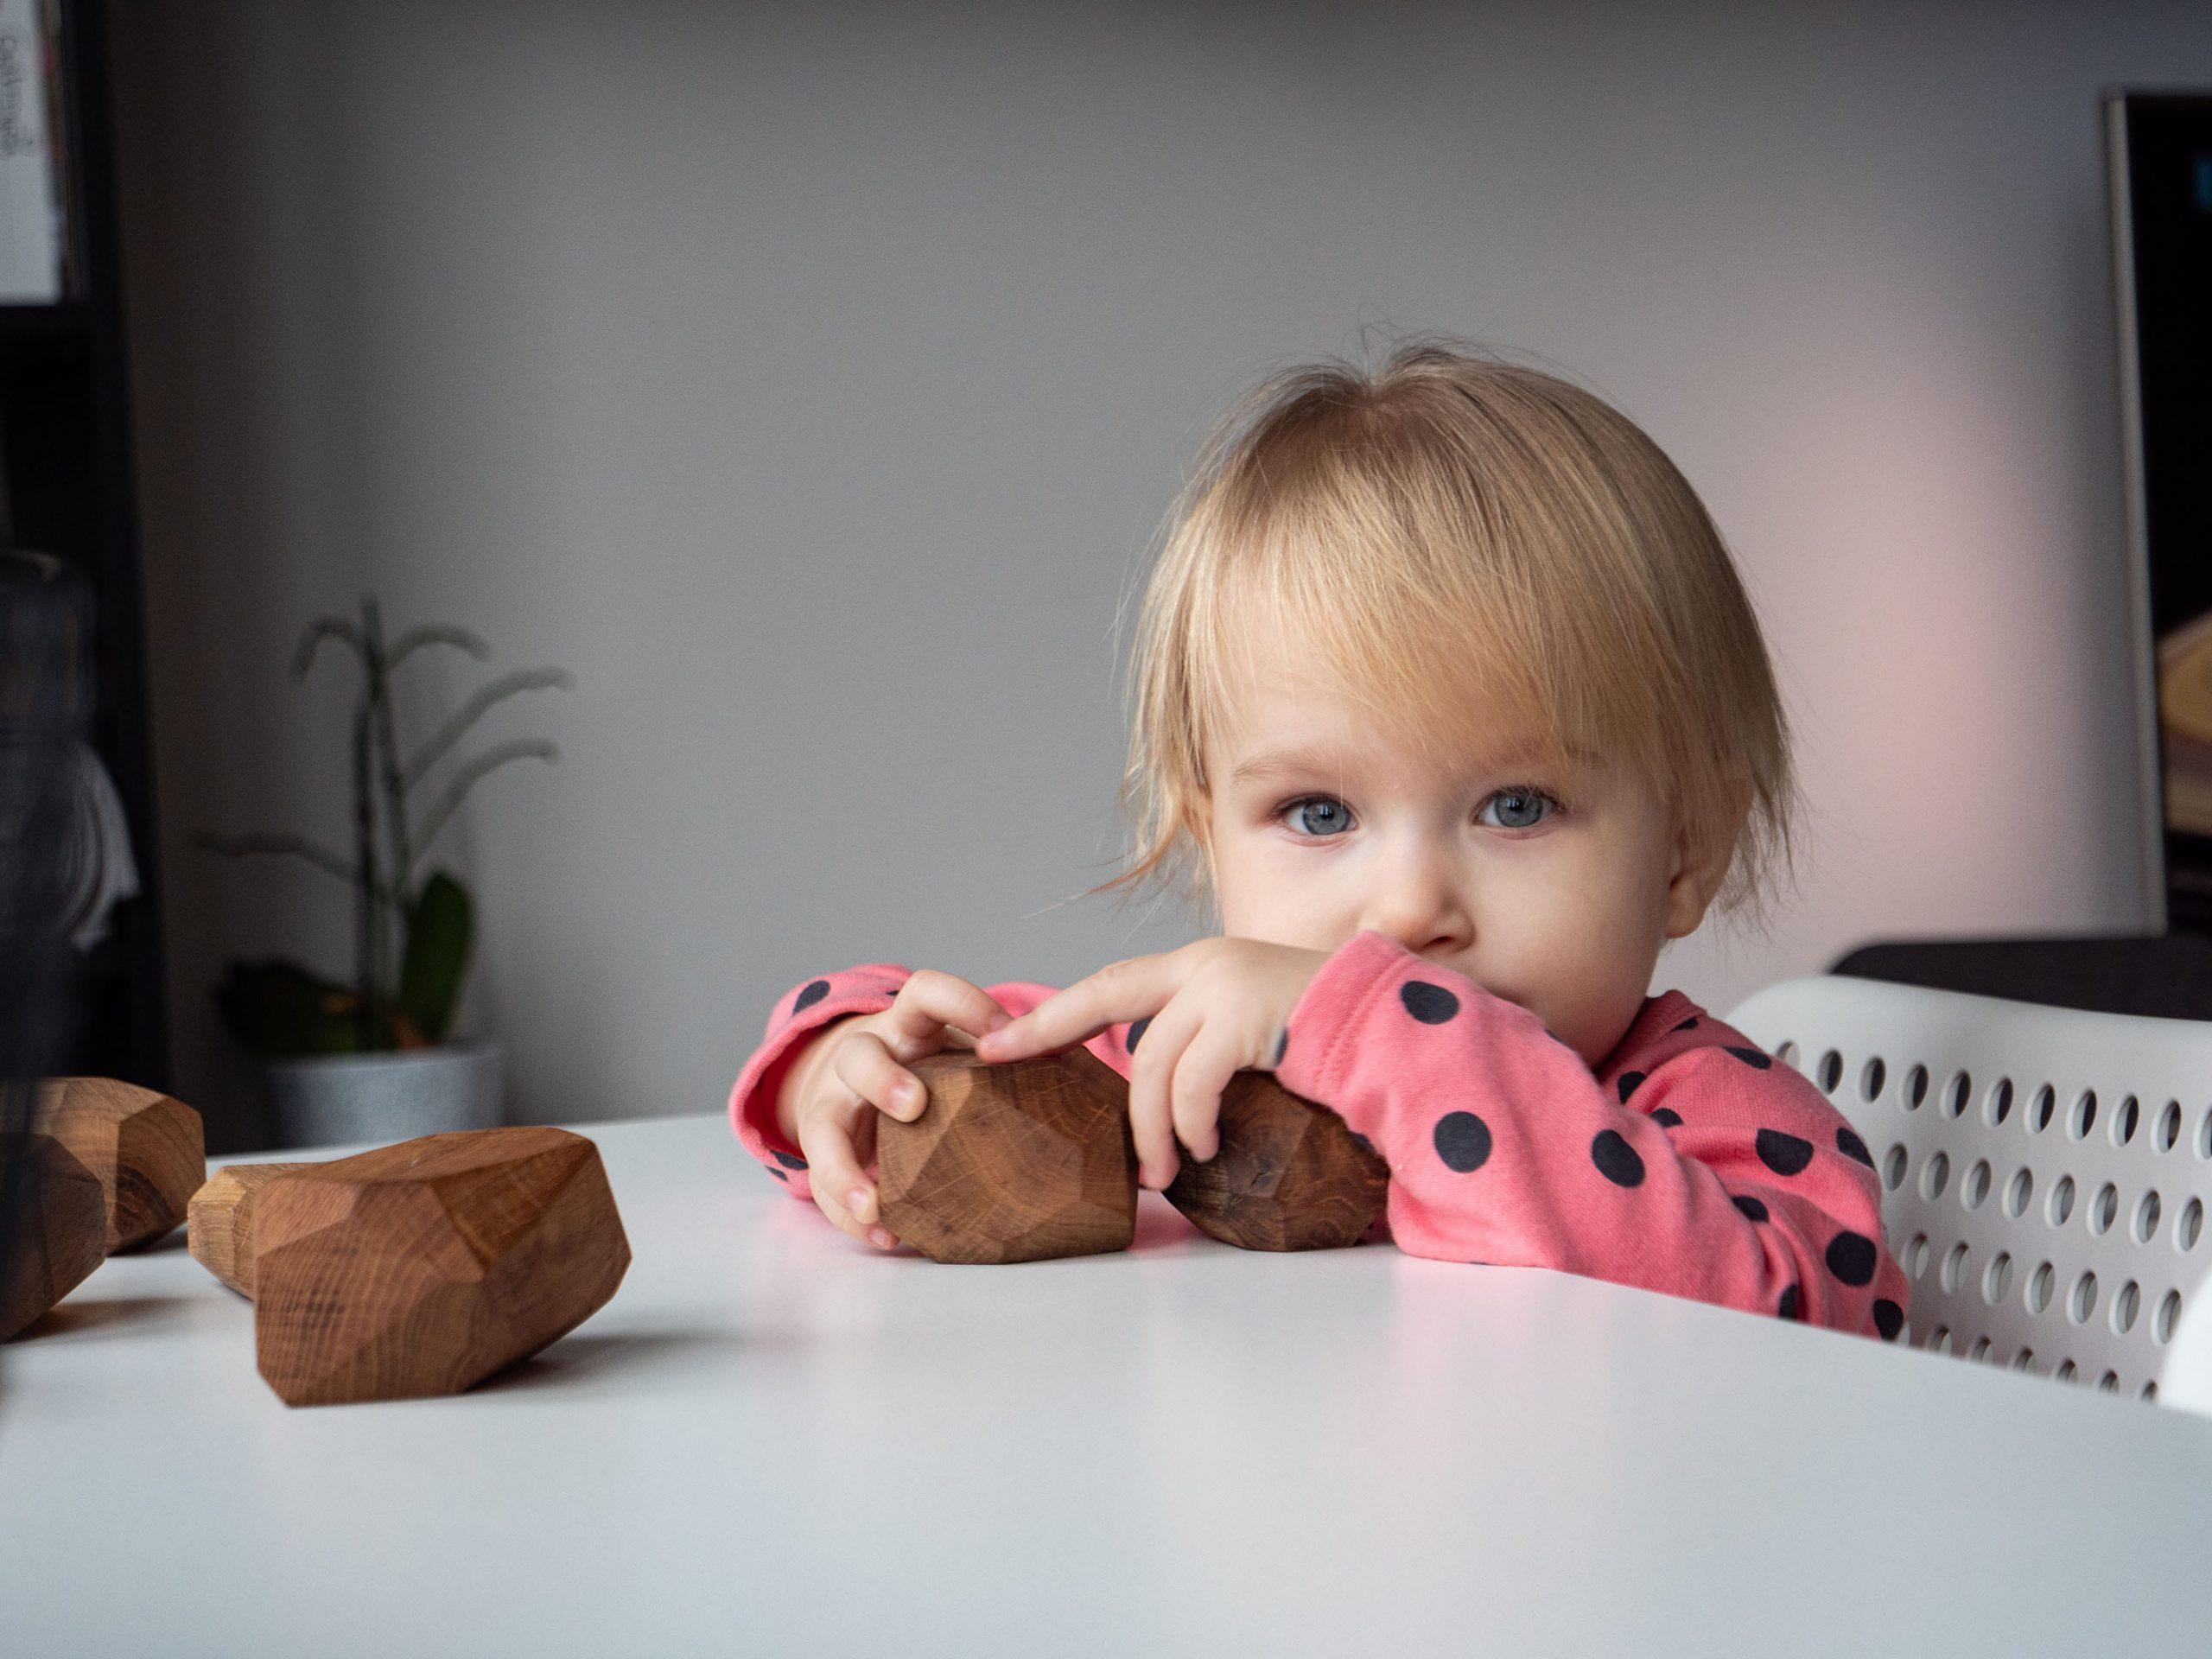 Zabawki sensoryczne dla niemowląt i małych dzieci – dlaczego warto?